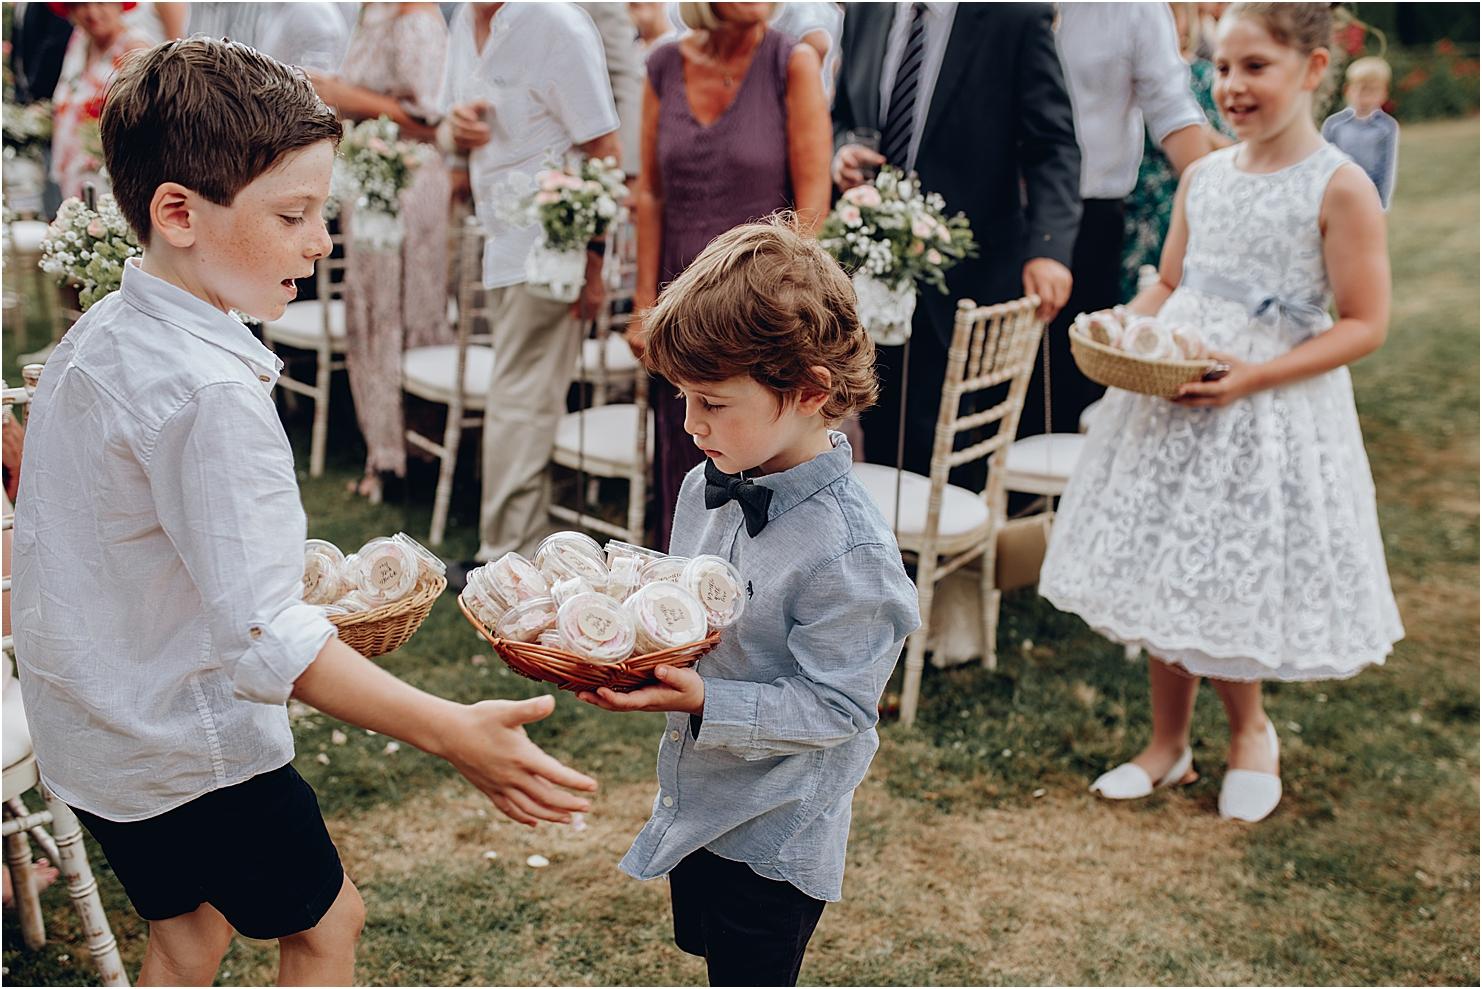 fotos de boda en exterior-19.jpg